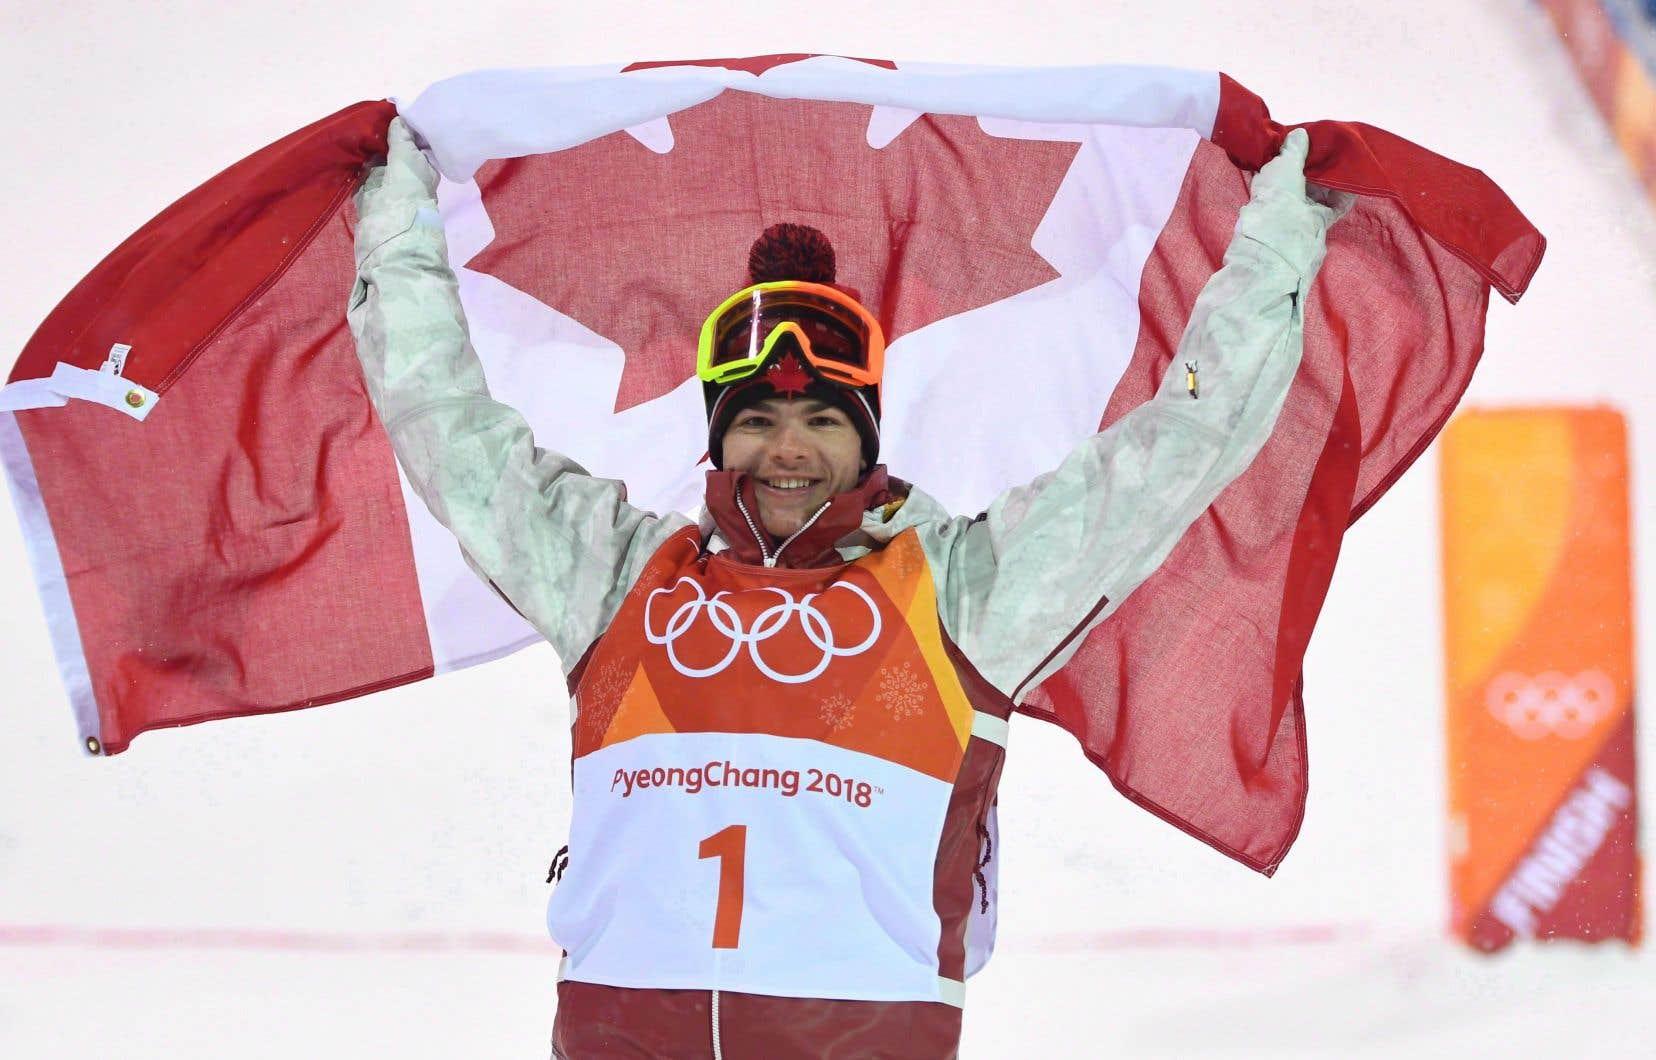 Mikaël Kingsbury avait remporté la médaille d'or à l'épreuve des bosses aux Jeux olympiques de Pyeongchang.